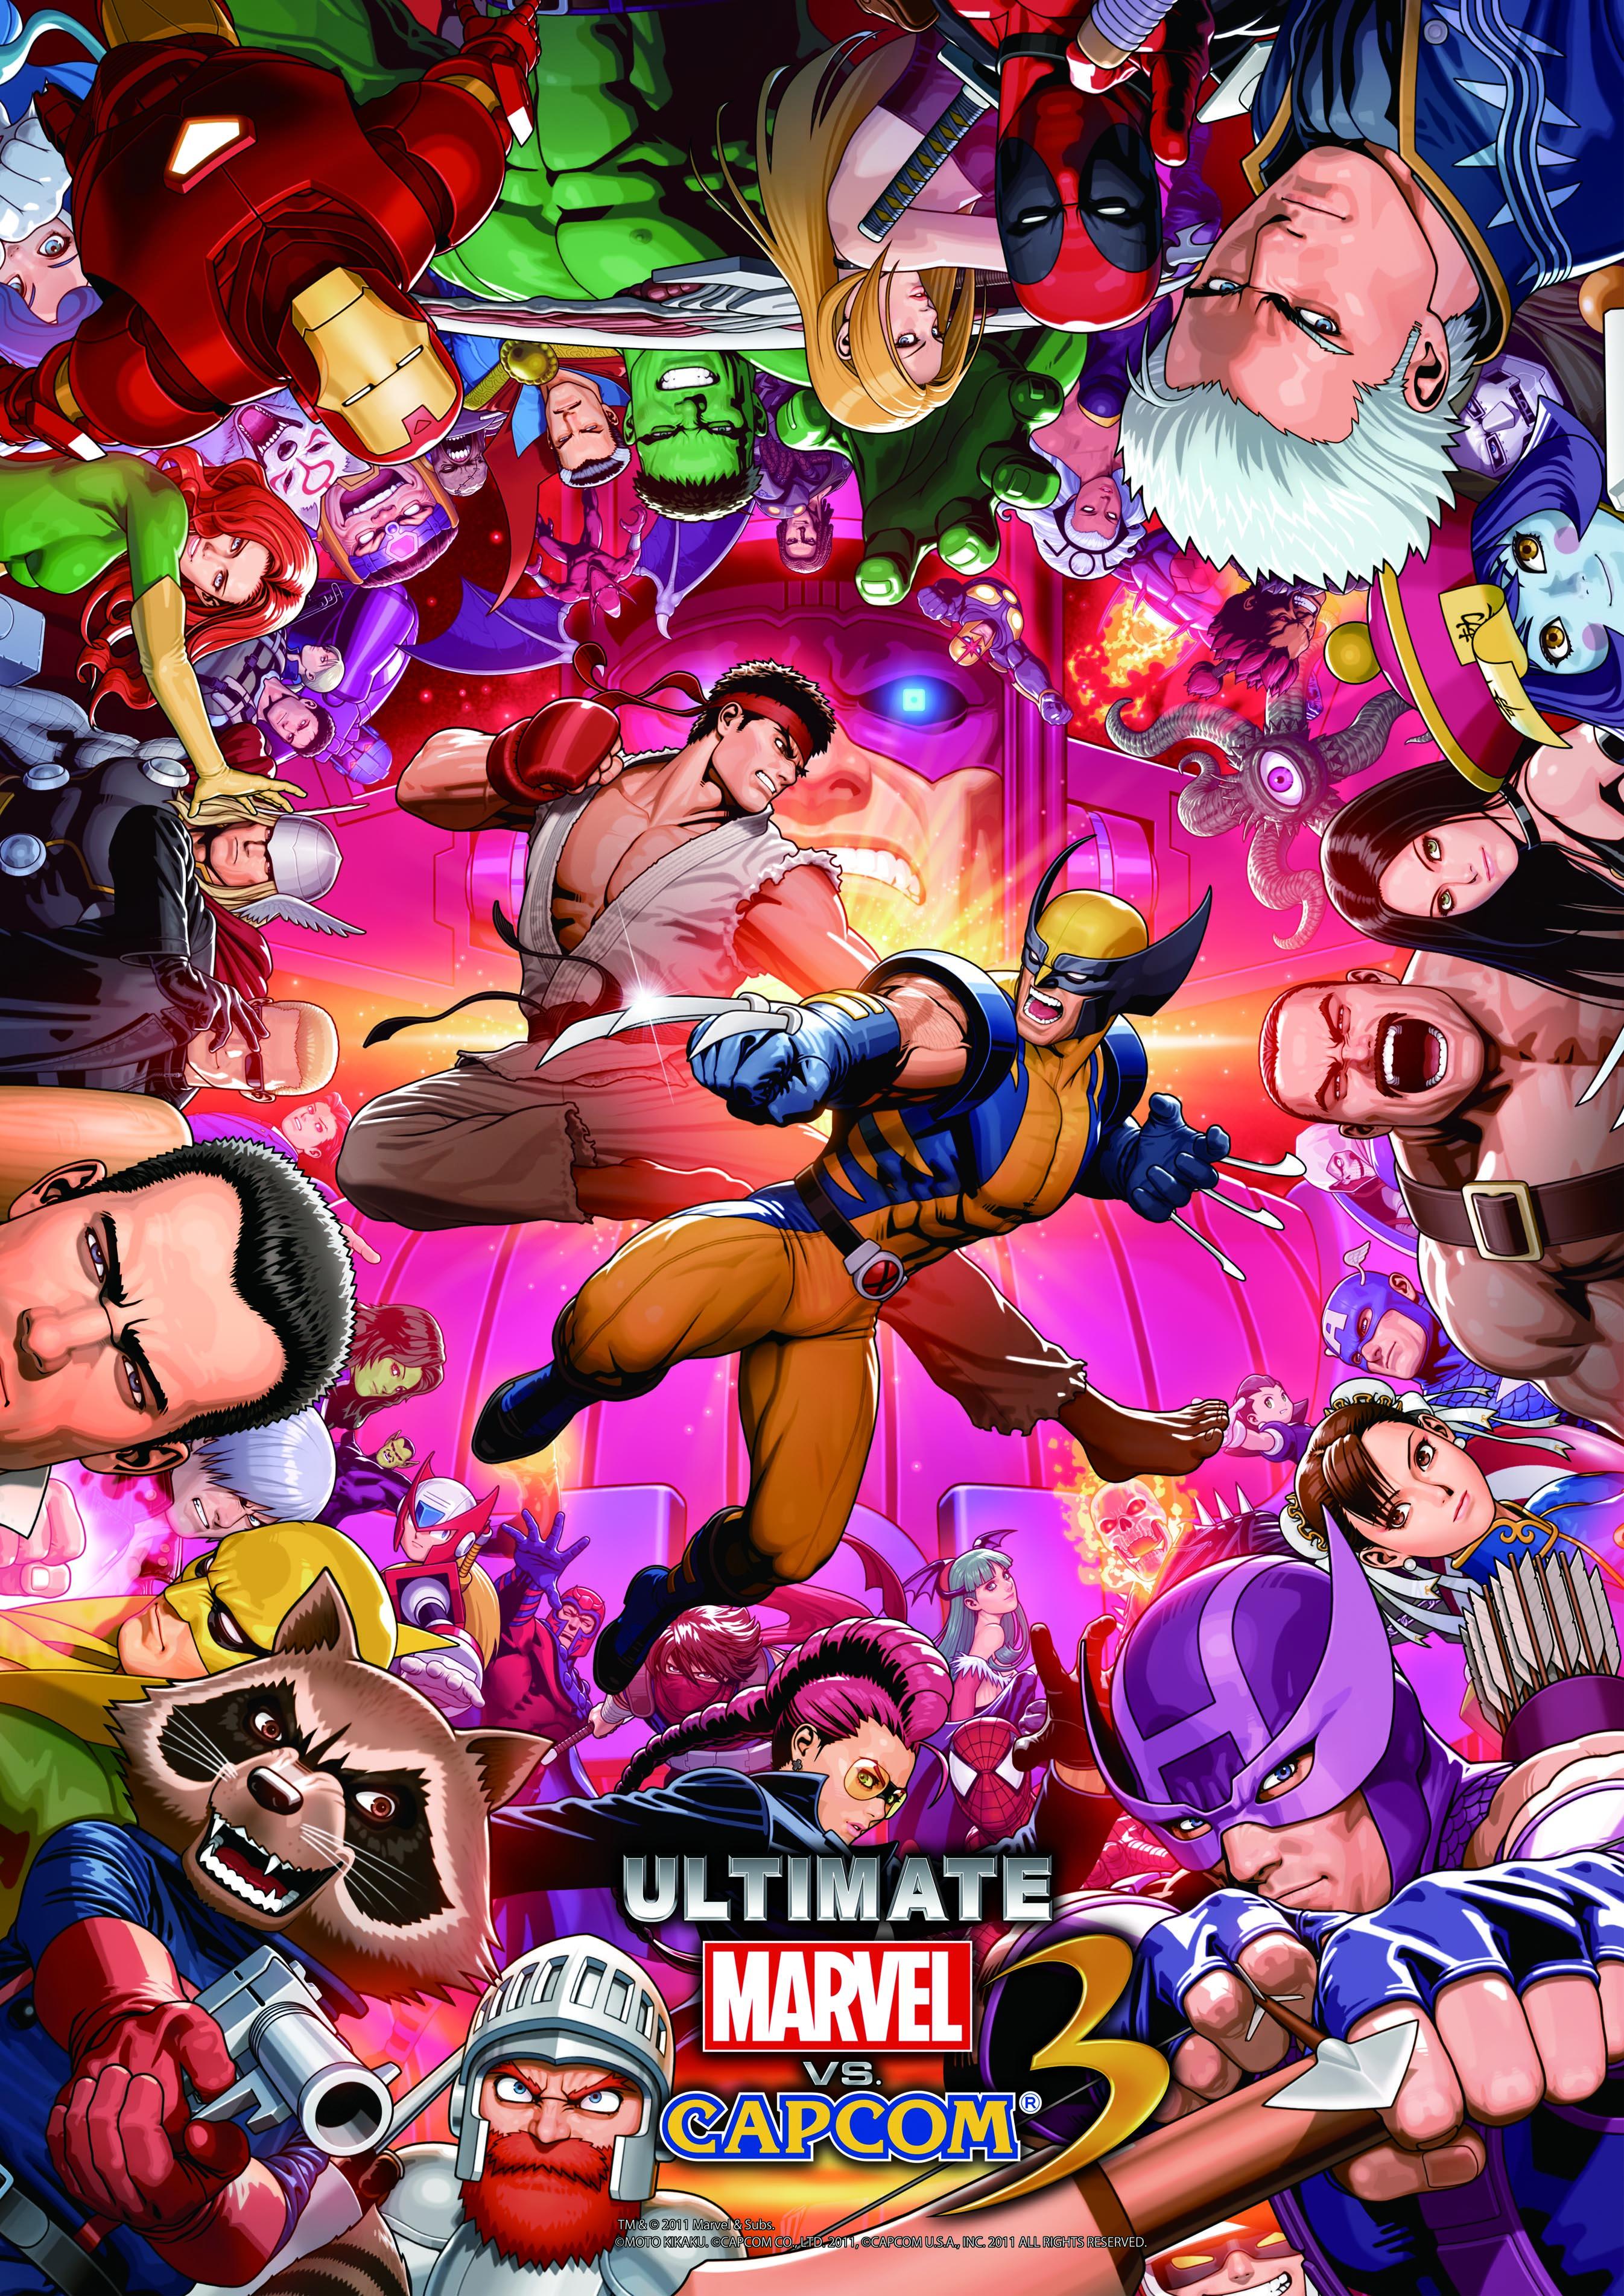 Marvel Vs Capcom Mobile Wallpaper 991426 Zerochan Anime Image Board